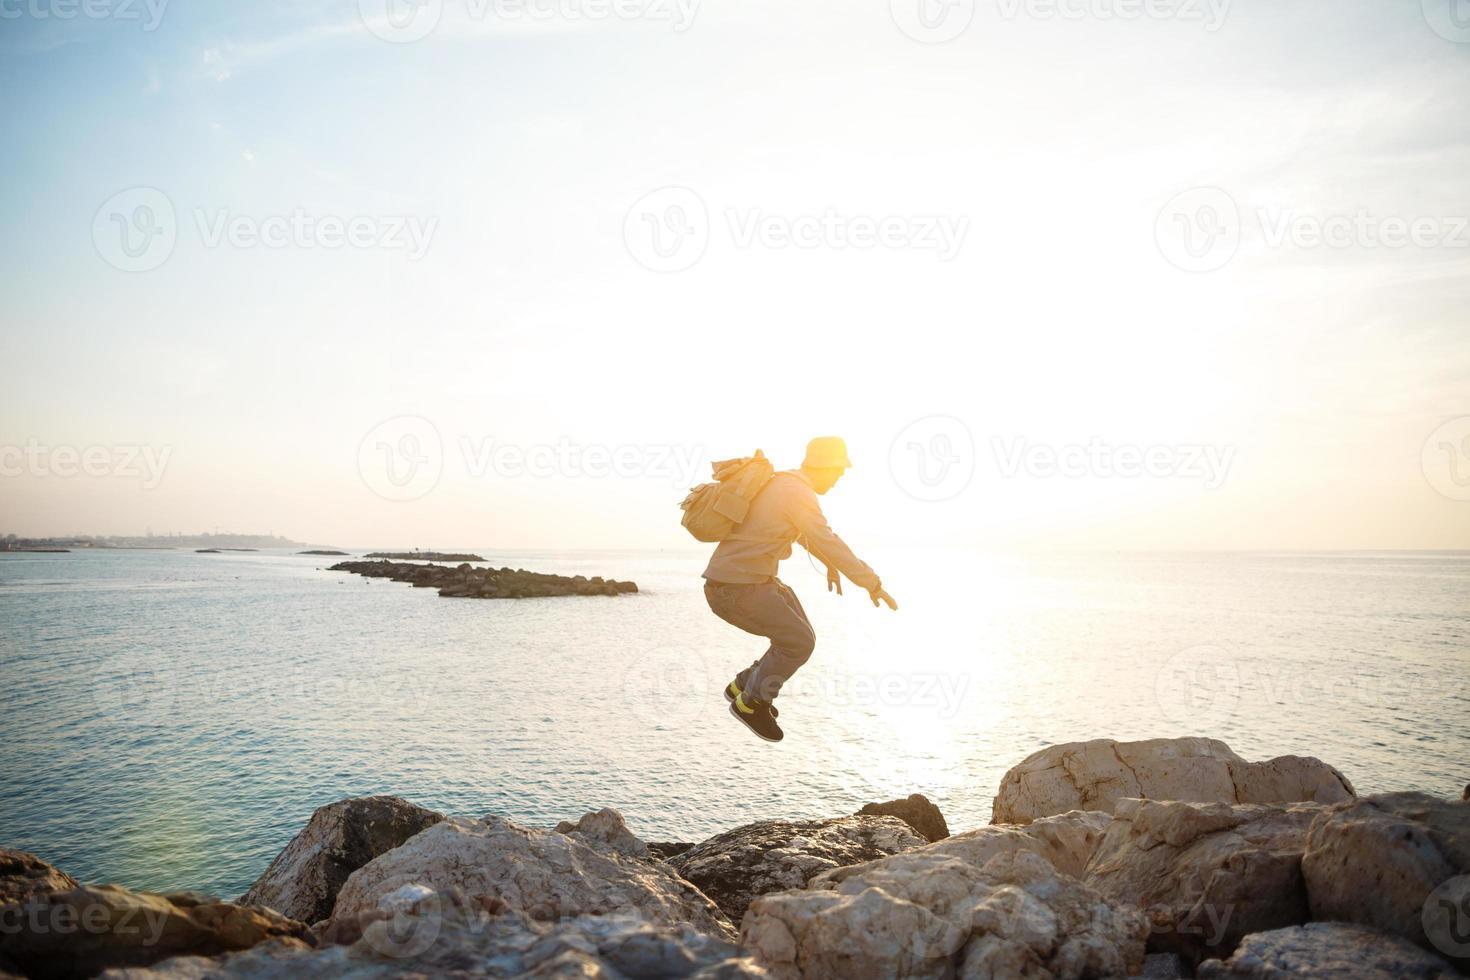 reiziger springen over rotsen in de buurt van de zee foto